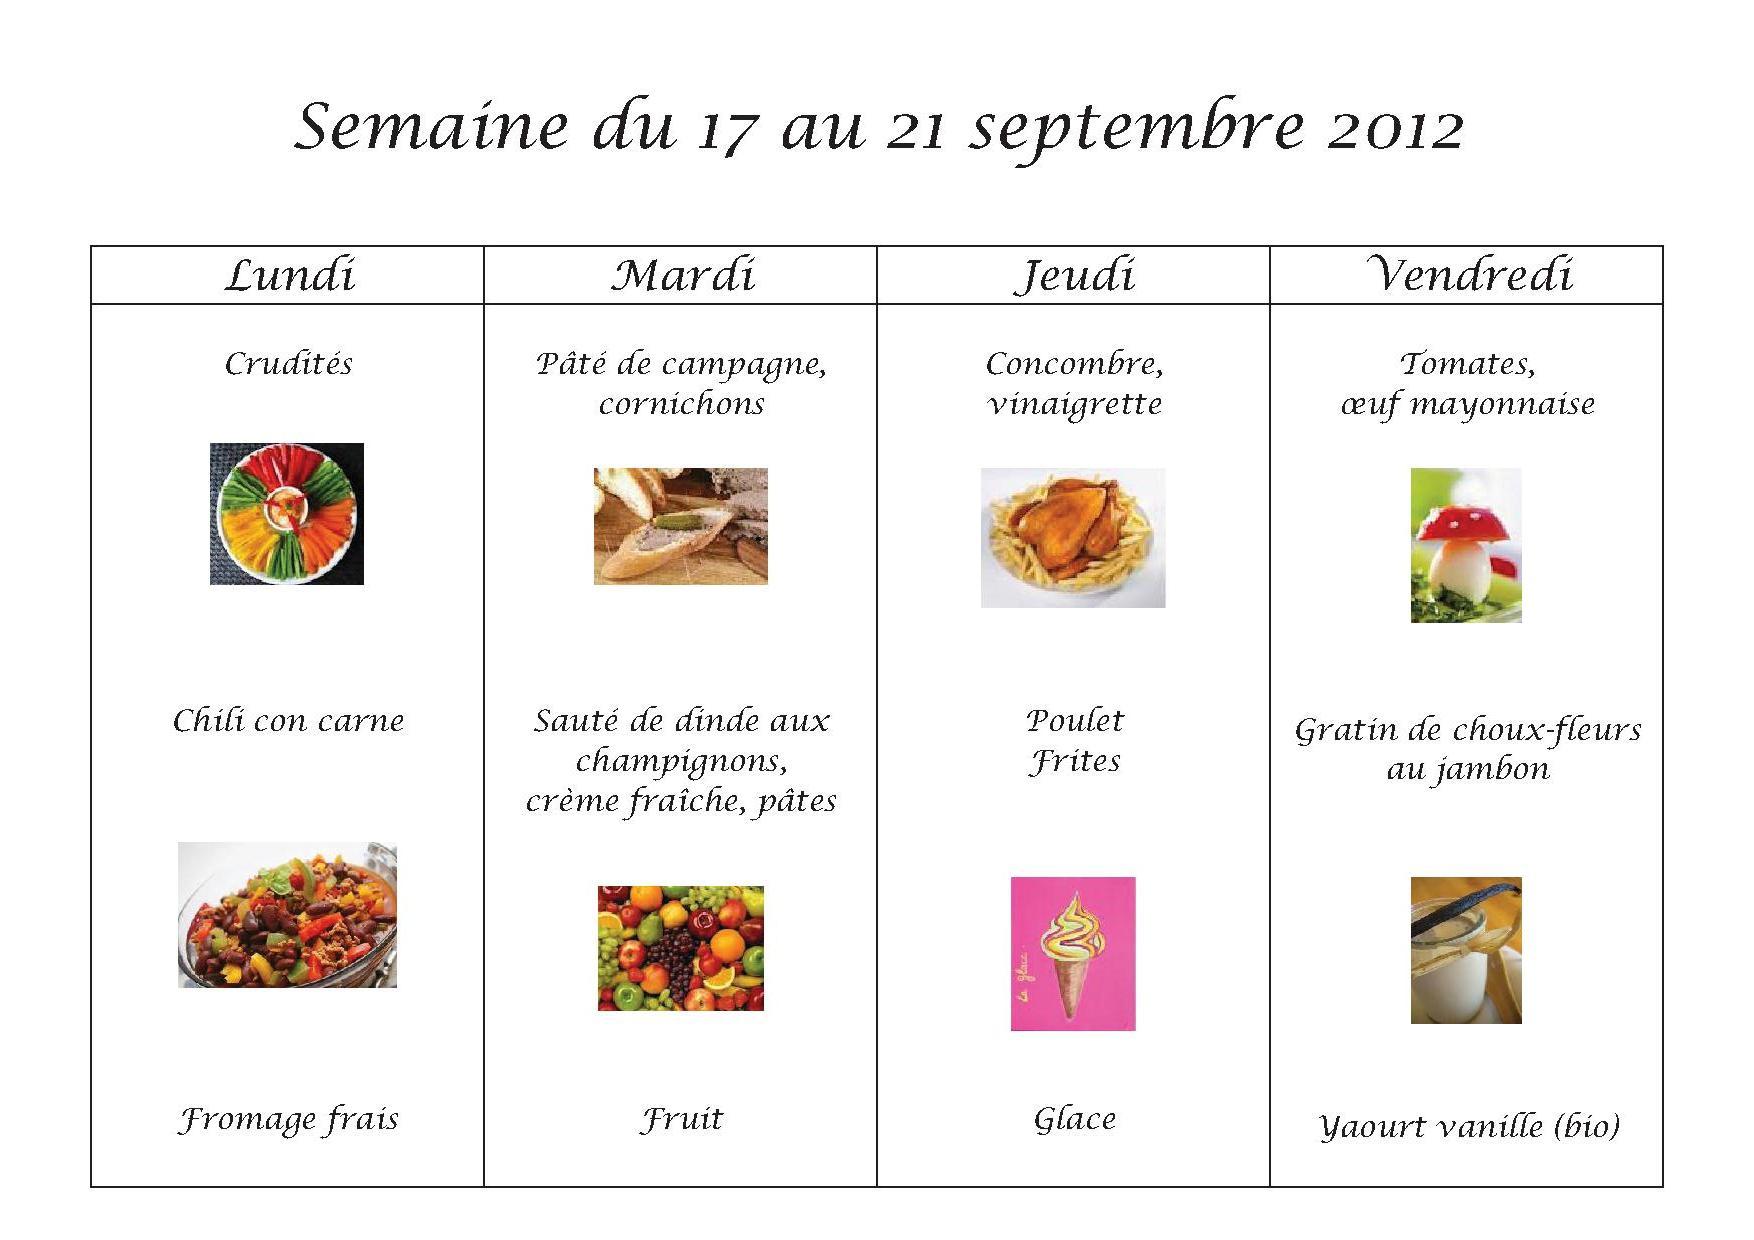 Menus du 17 au 21 septembre 2012